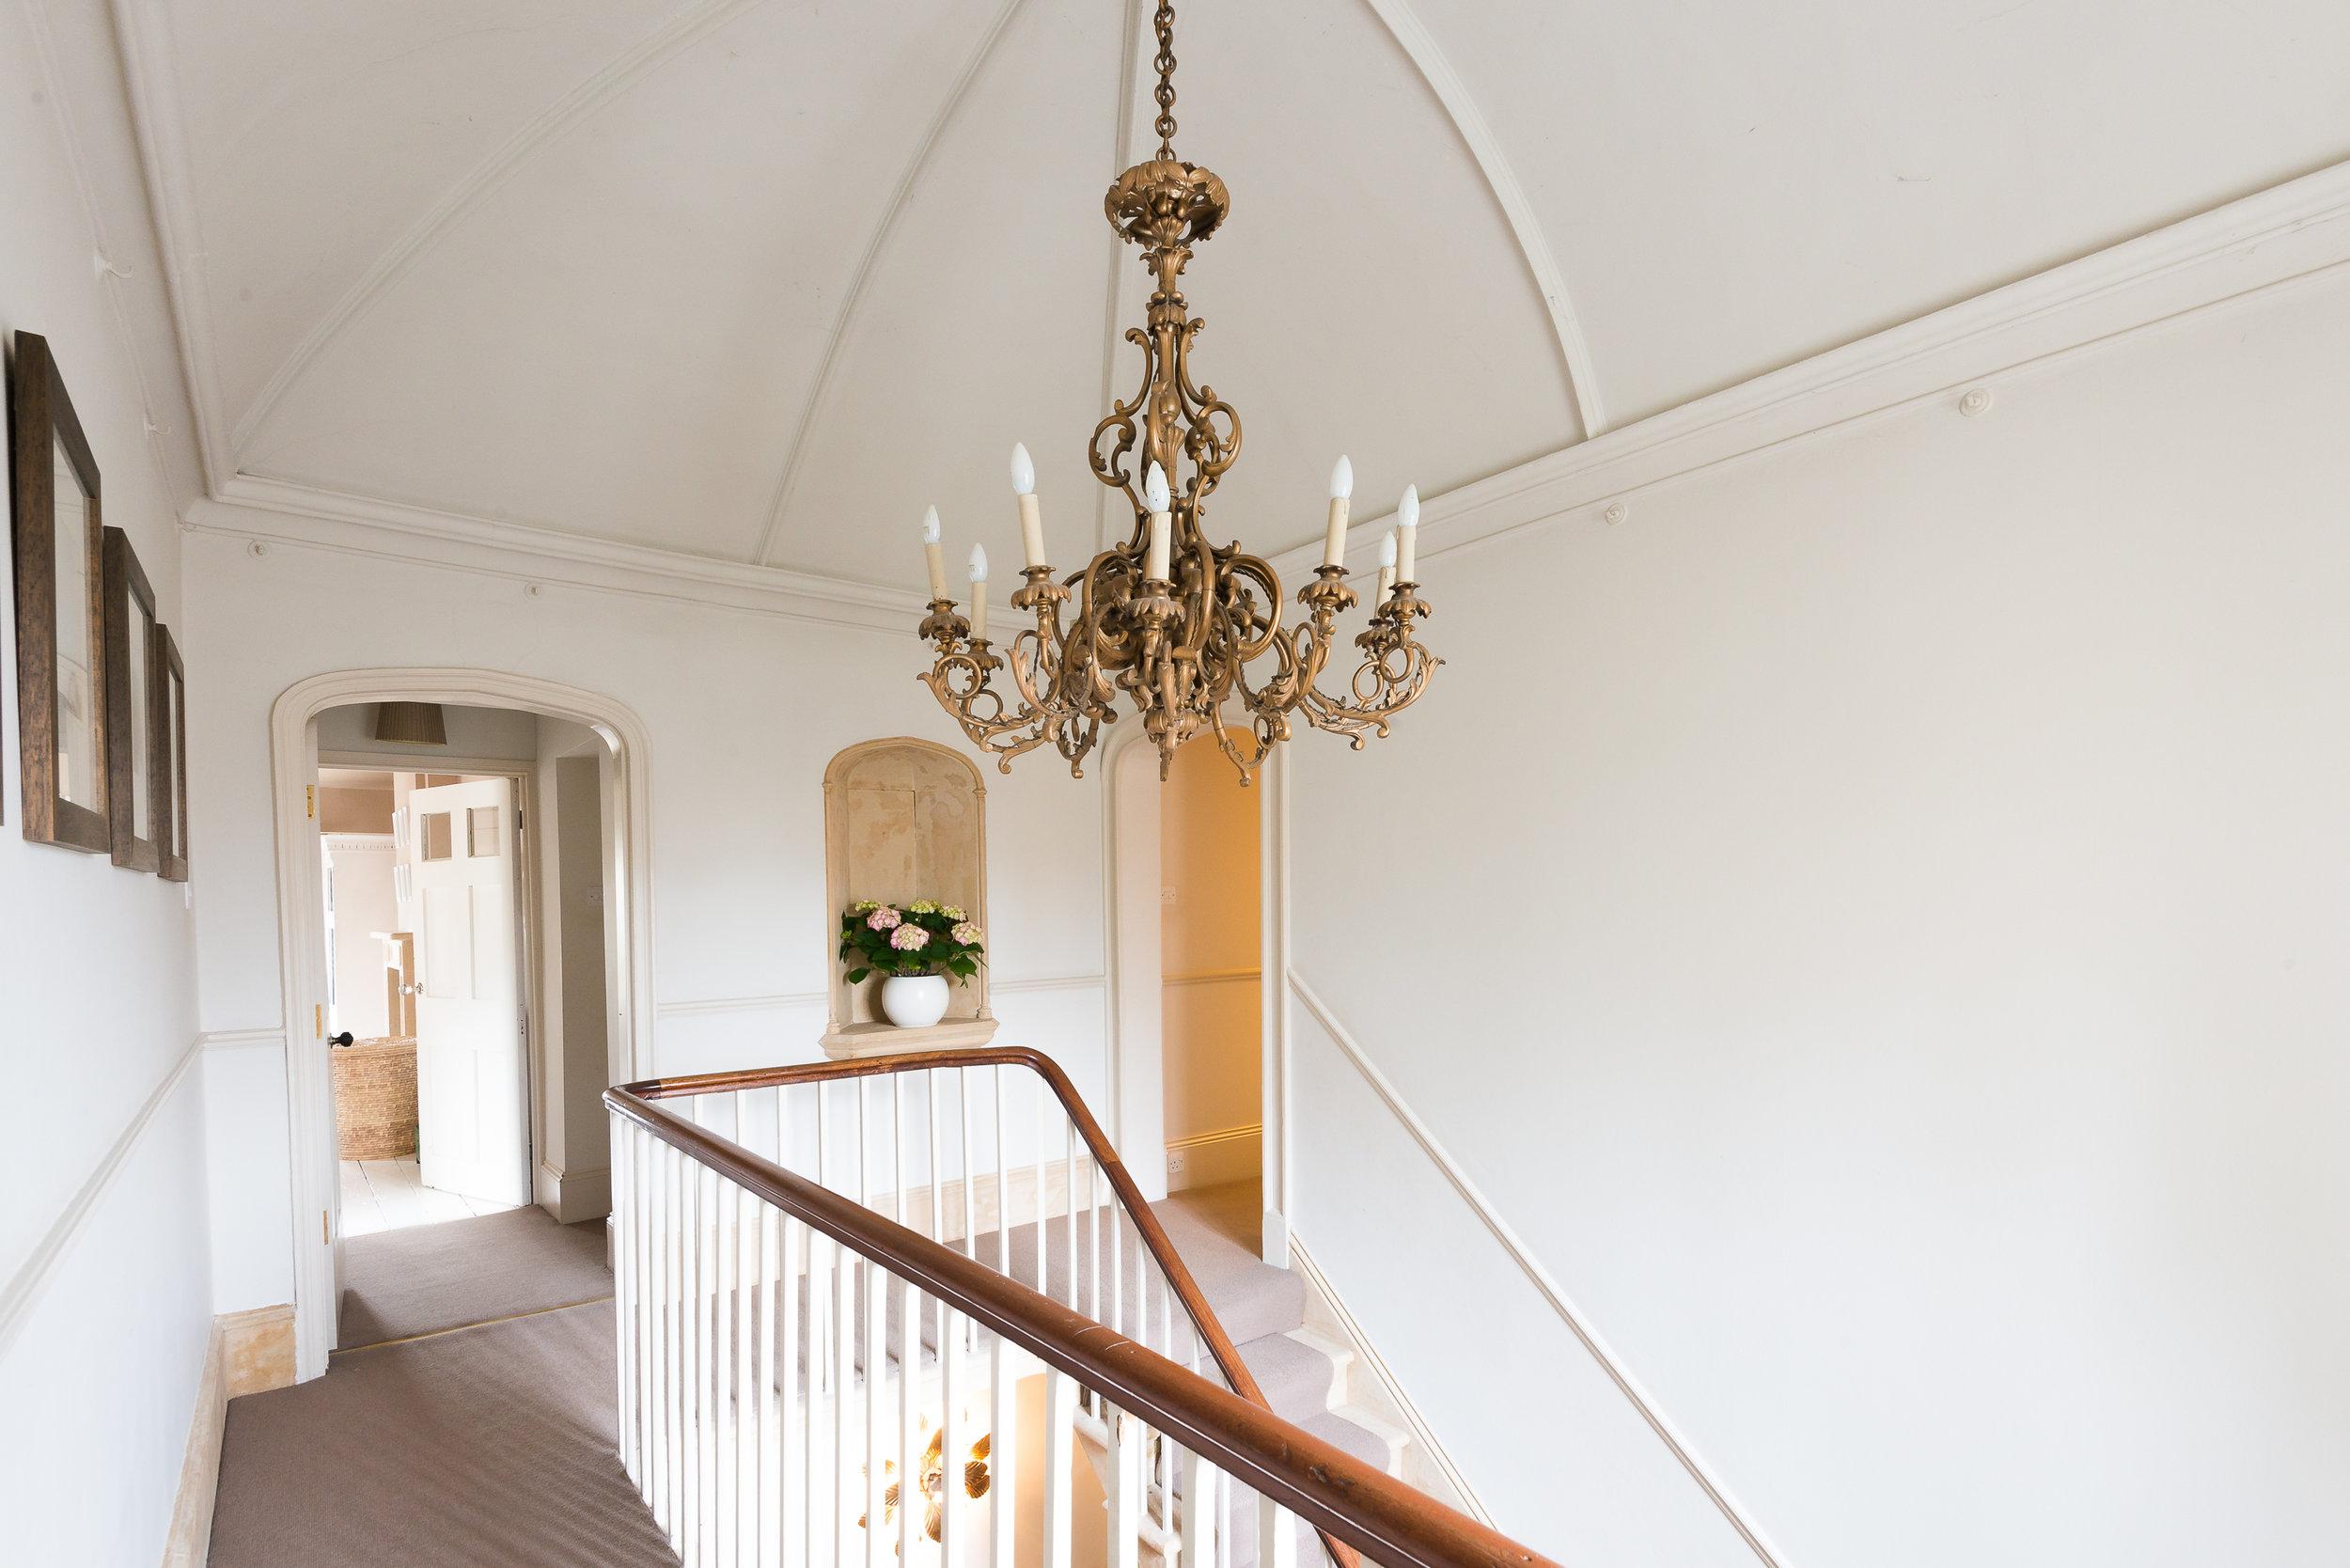 1st floor chandelier.jpg